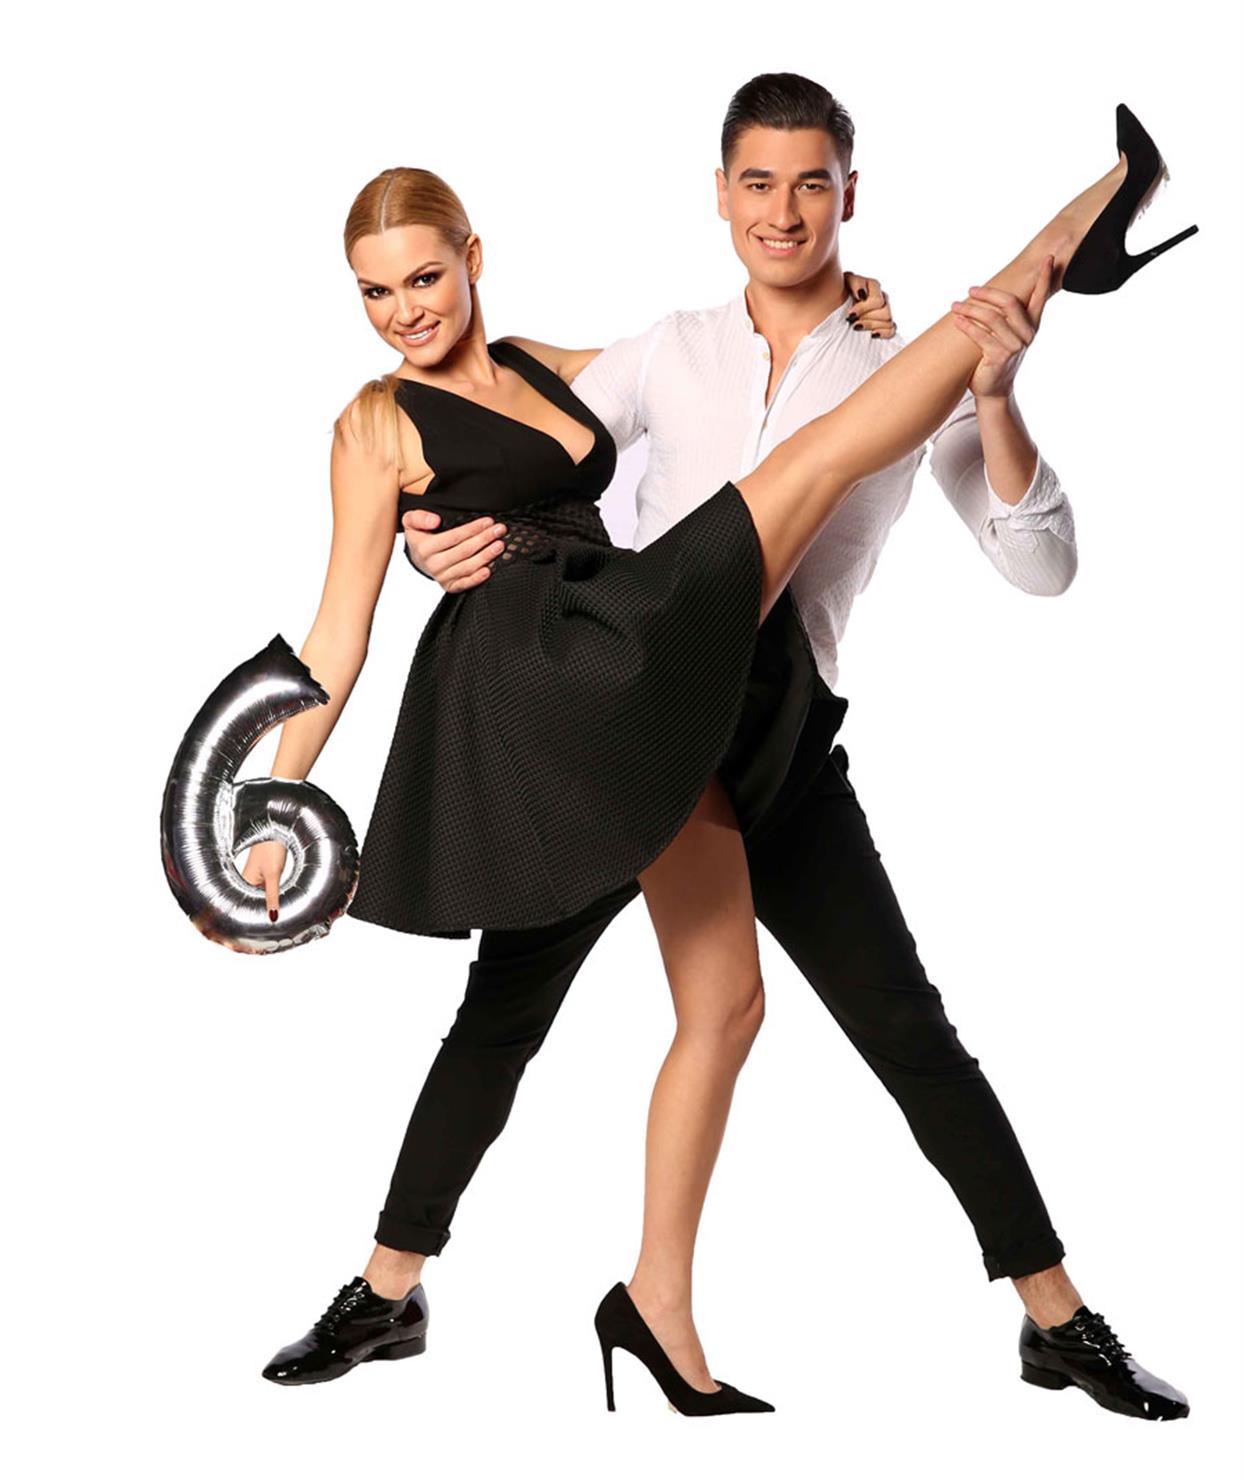 ΒΙΚΥ ΚΑΒΟΥΡΑ - ΓΙΩΡΓΟΣ ΚΕΤΣΕΡΙΔΗΣ - DANCING WITH THE STARS 6